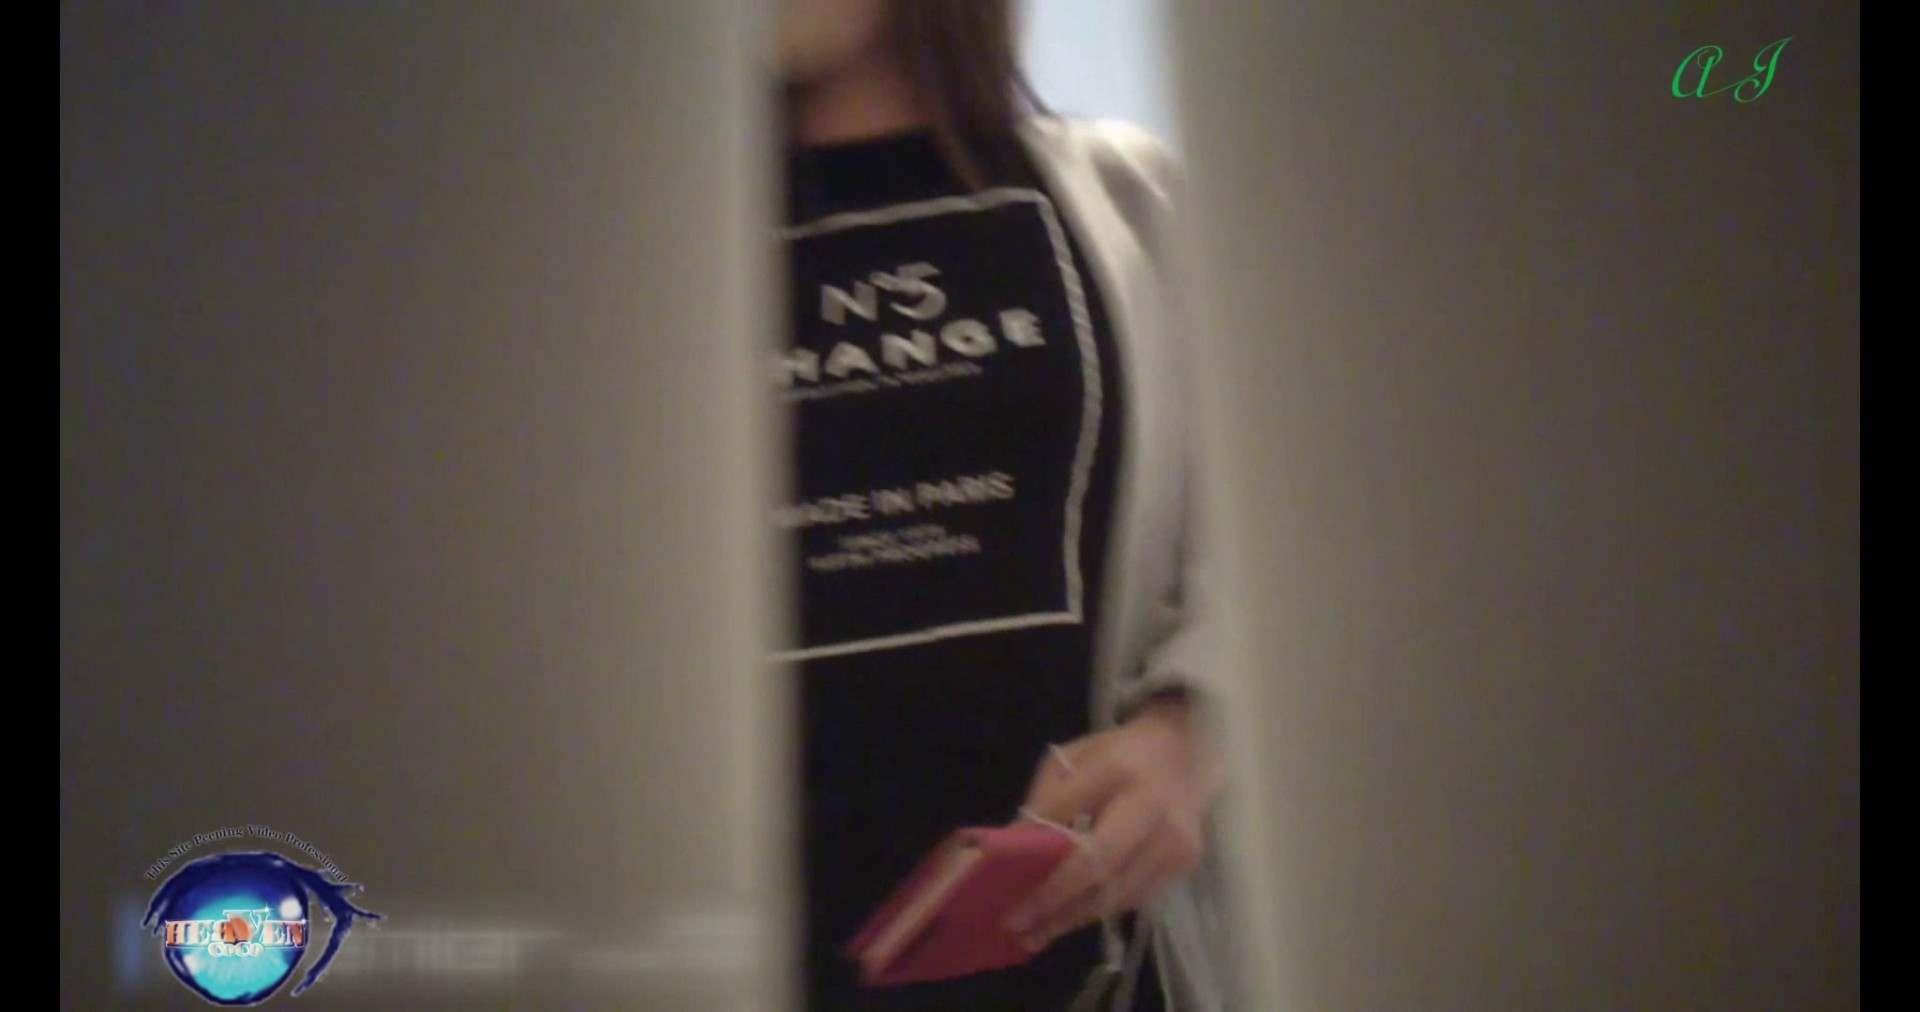 【某有名大学女性洗面所】有名大学女性洗面所 vol.74 前編 洗面所突入  77pic 44